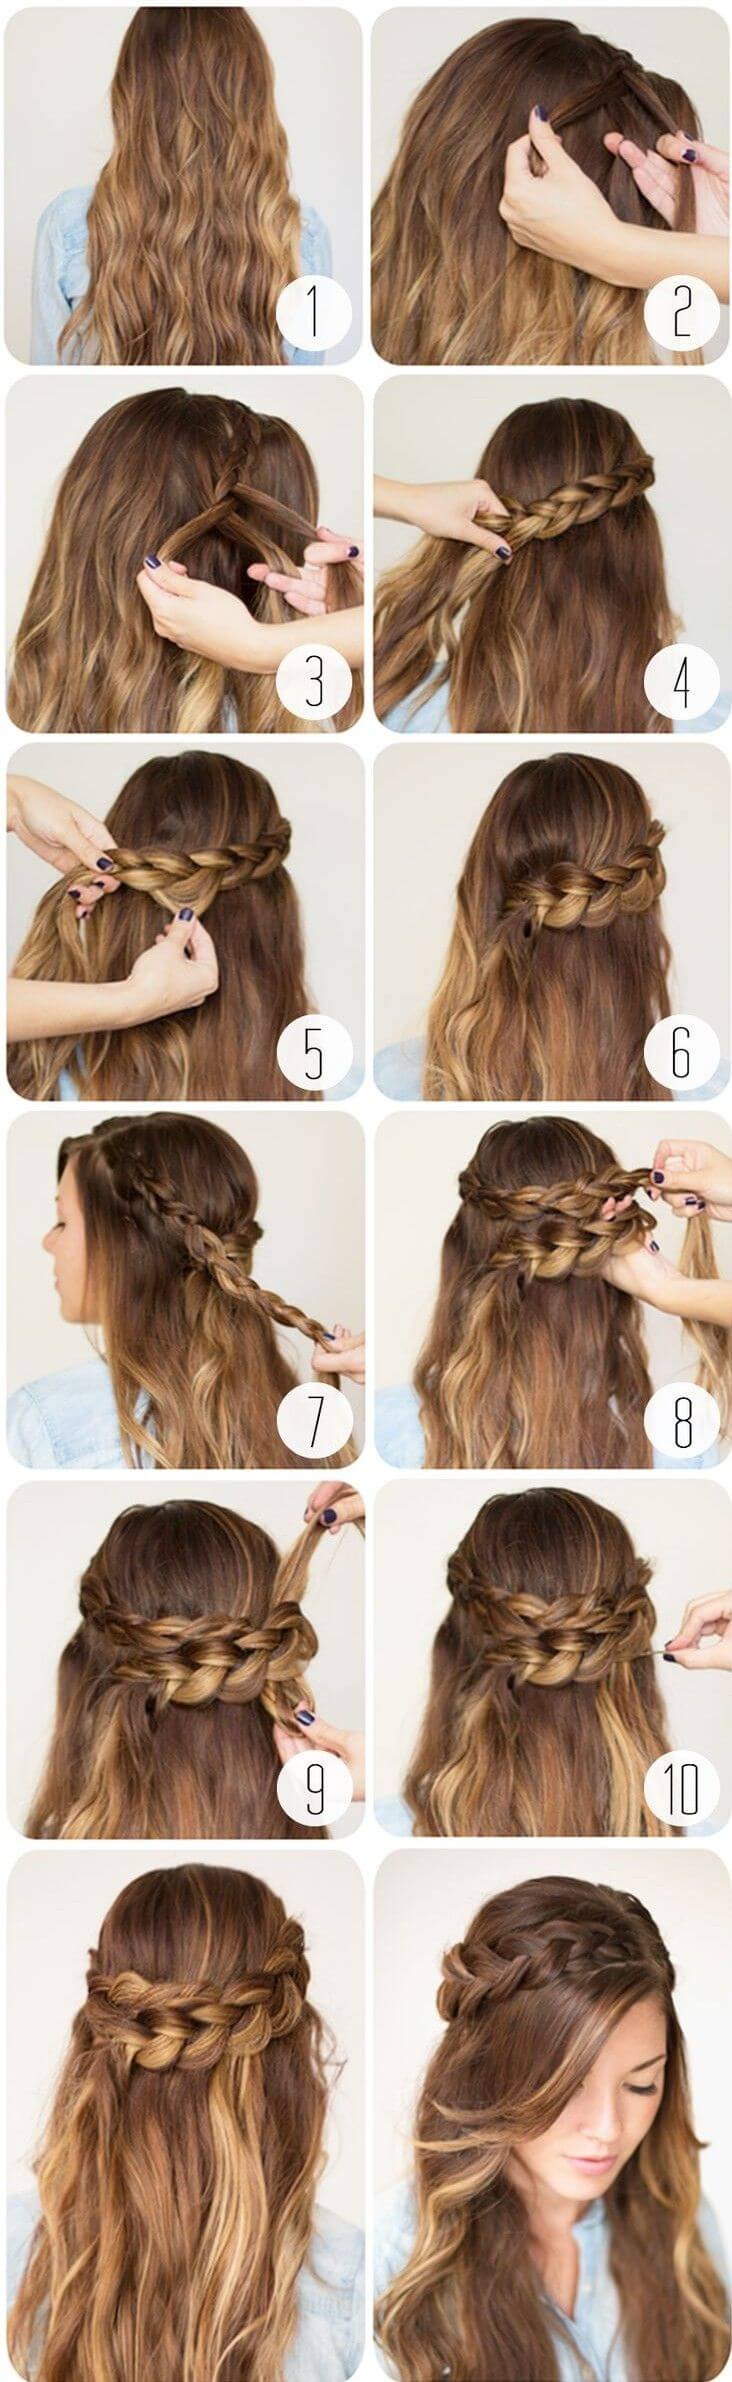 5 peinados faciles con trenzas - Peinados y trenzas ...